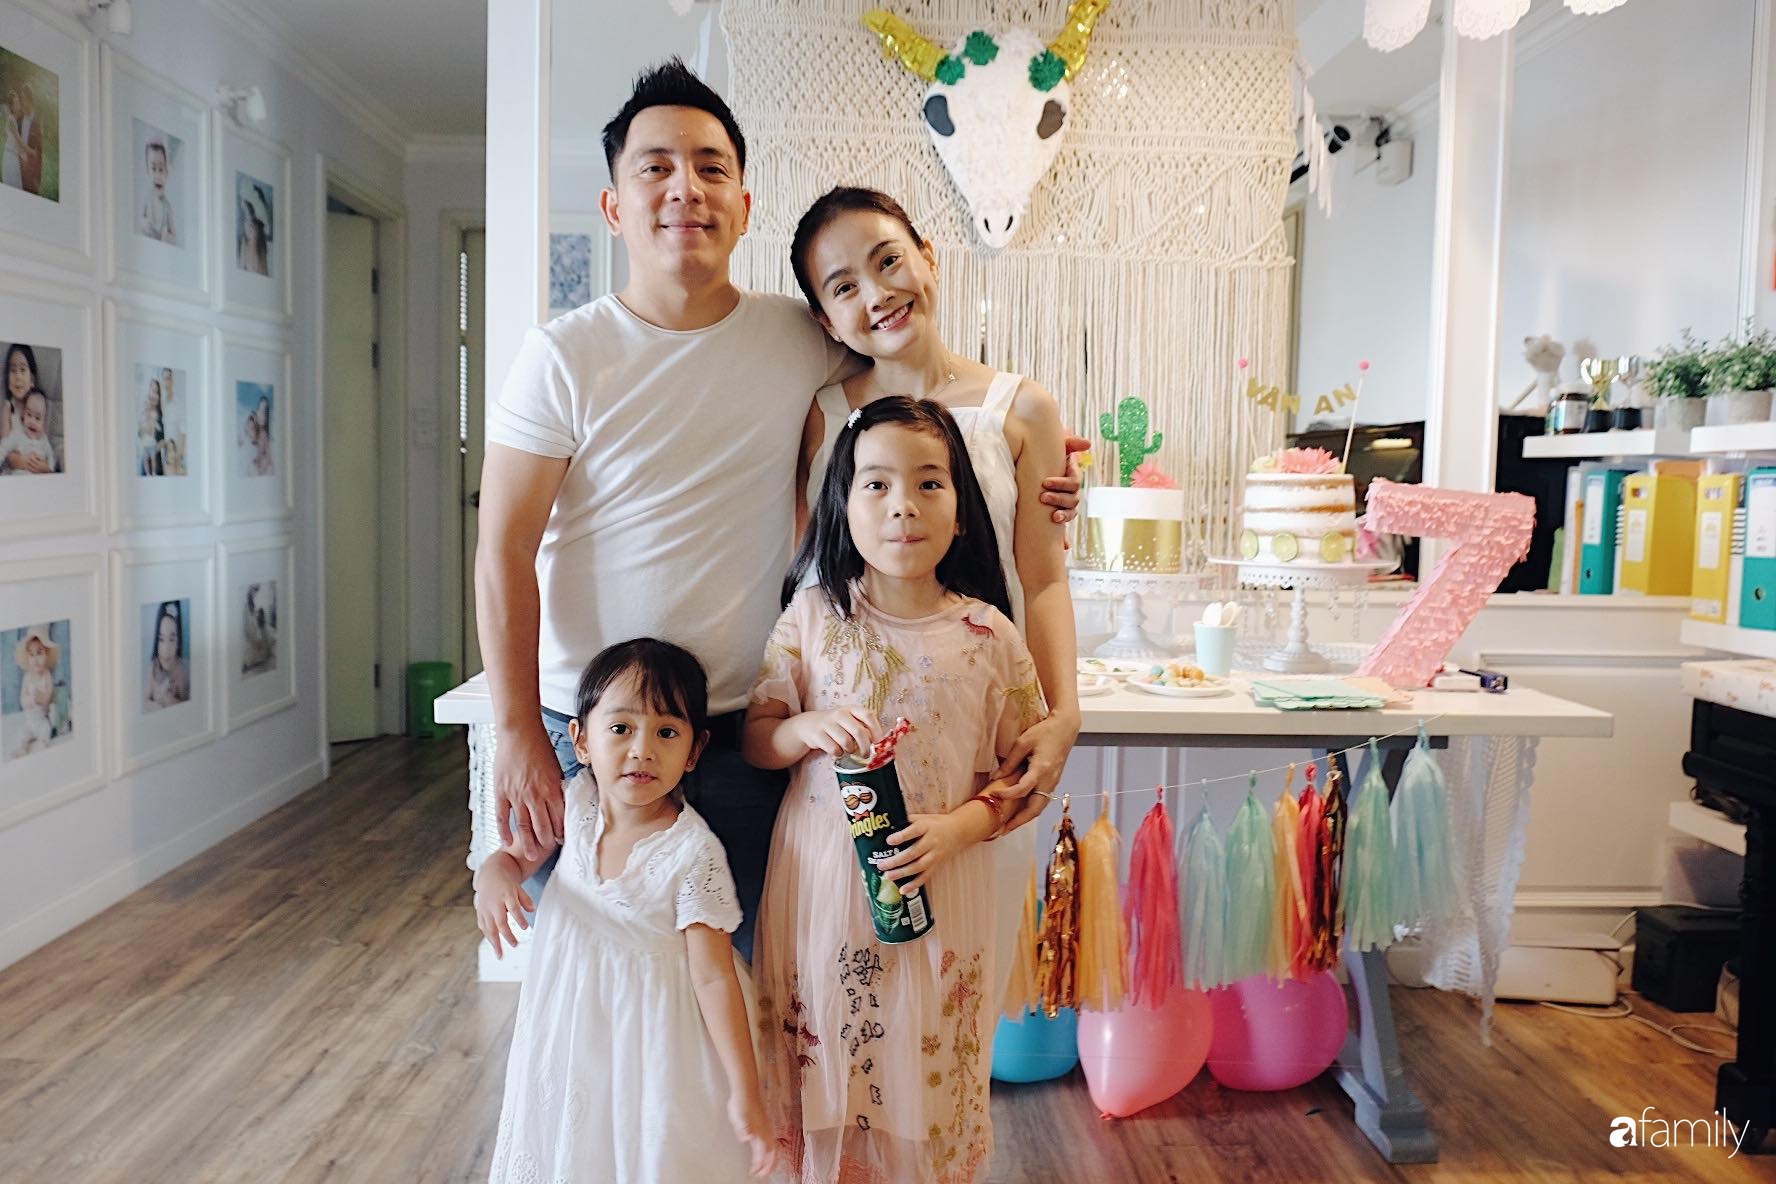 Căn hộ 92m² với góc nào cũng đẹp như trong tạp chí nước ngoài của gia chủ yêu thích trang trí nội thất ở Sài Gòn - Ảnh 2.